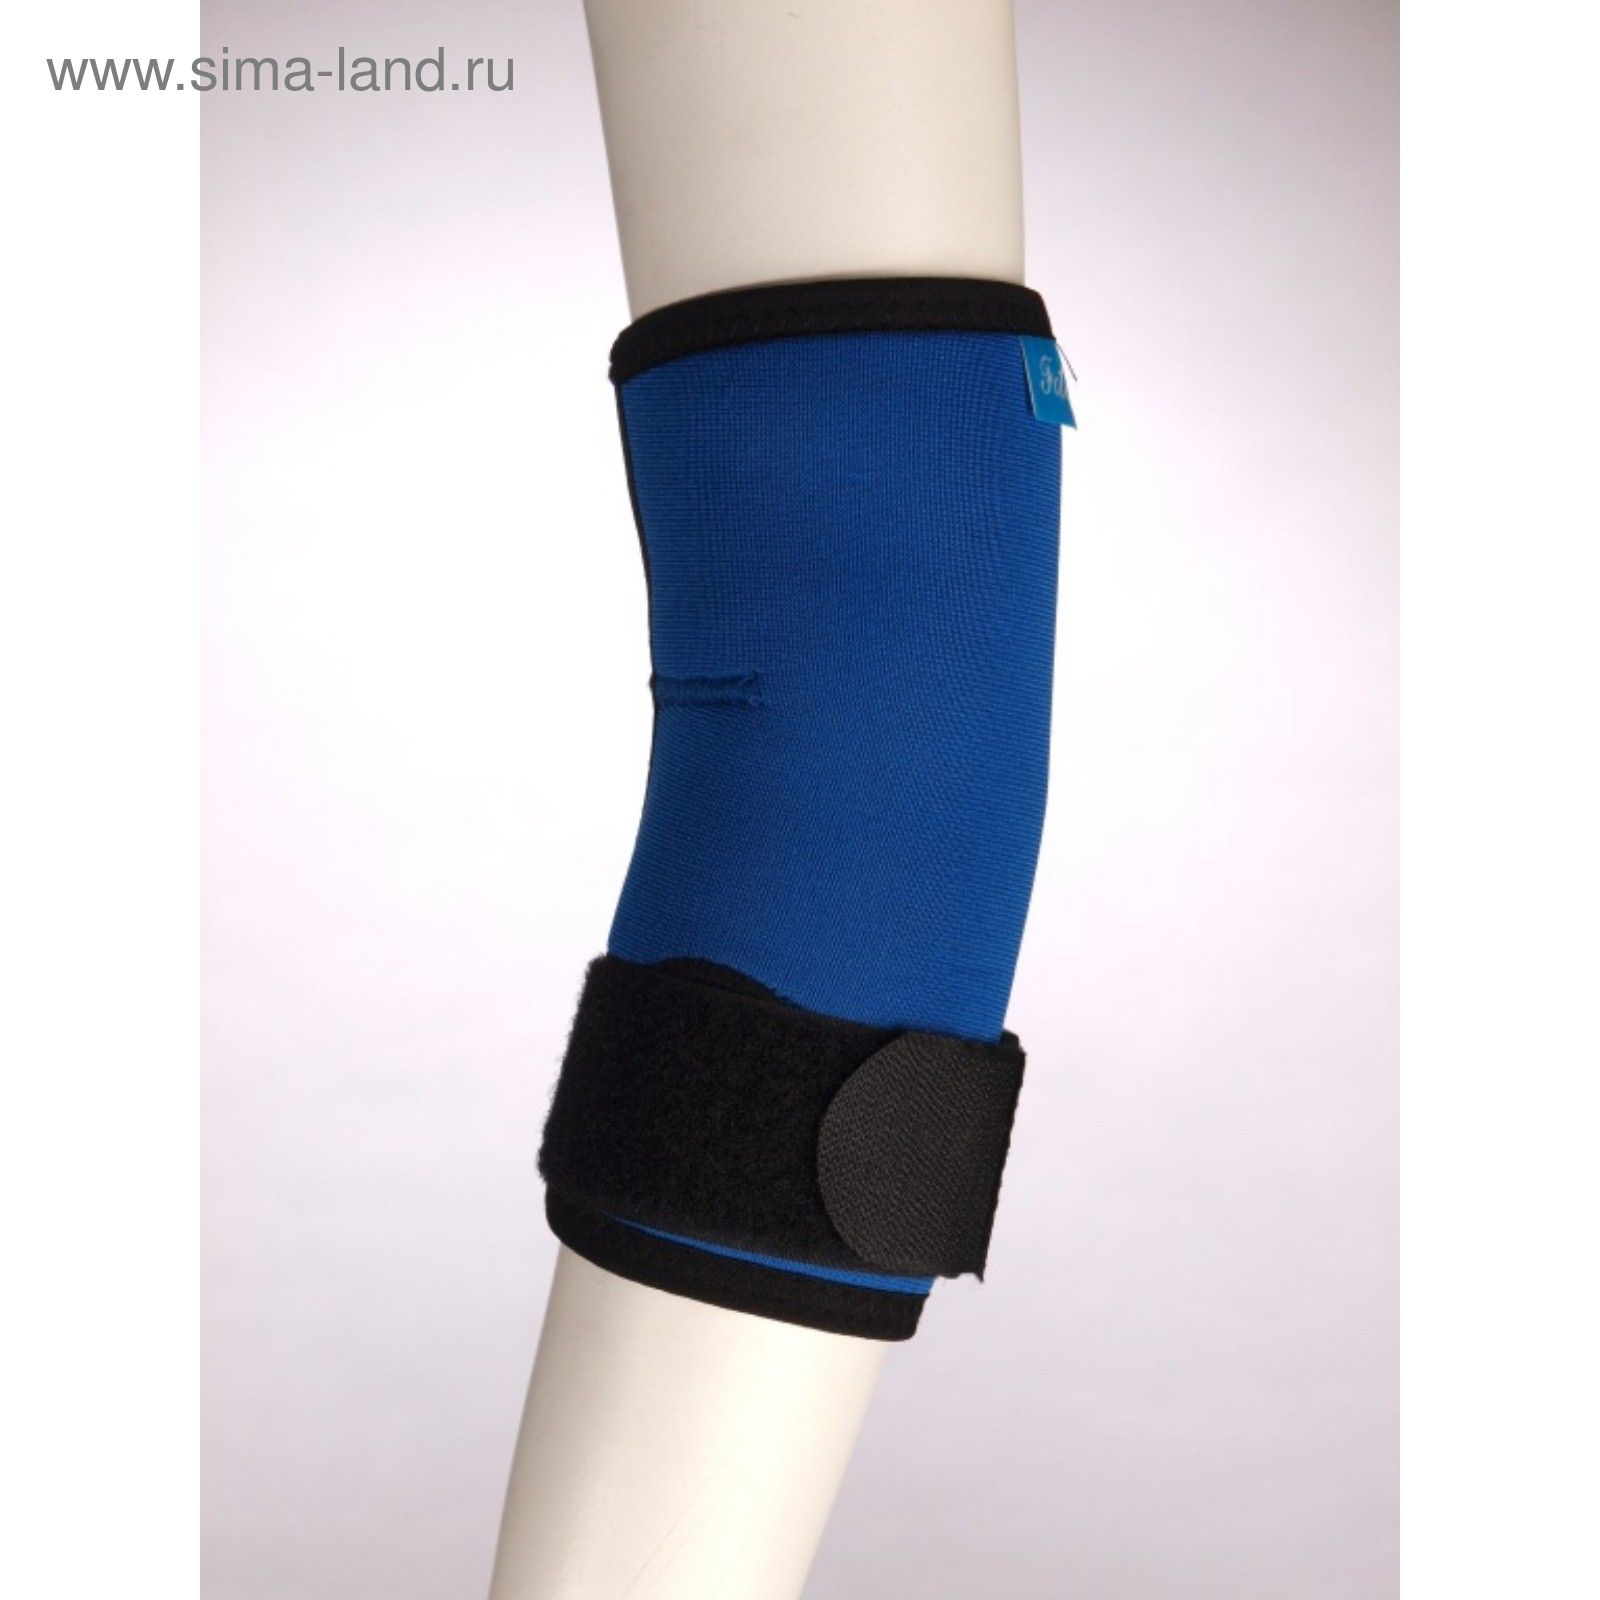 Фиксатор локтевого сустава детский медиальная часть коленного сустава